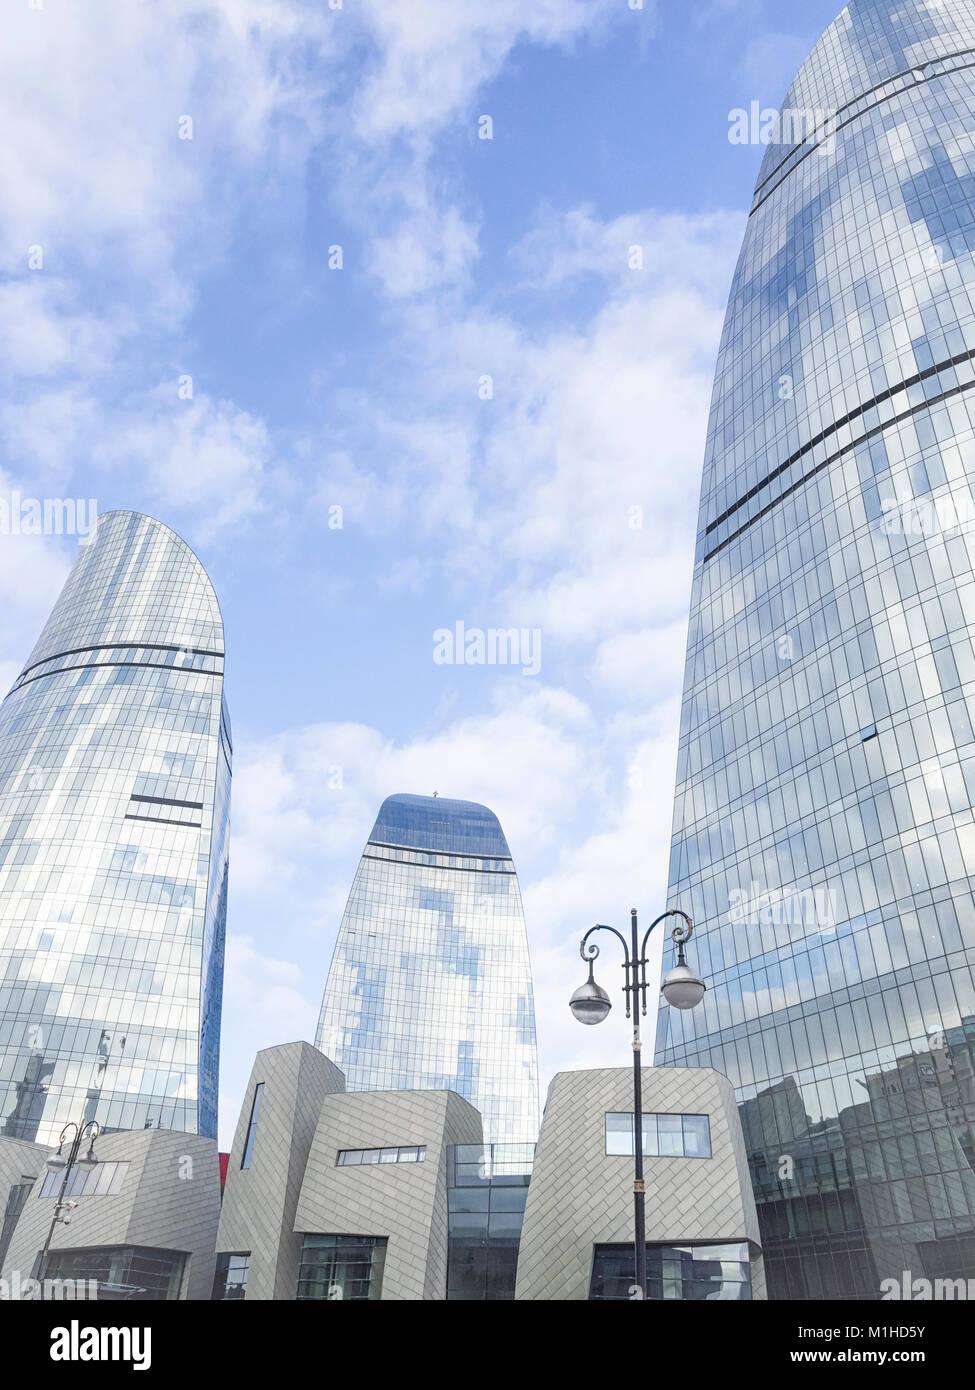 BAKU, Aserbaidschan - Dezember 27, 2017: Moderne Architektur der Stadt Baku, Aserbaidschan. Flamme Towers ist eines Stockbild